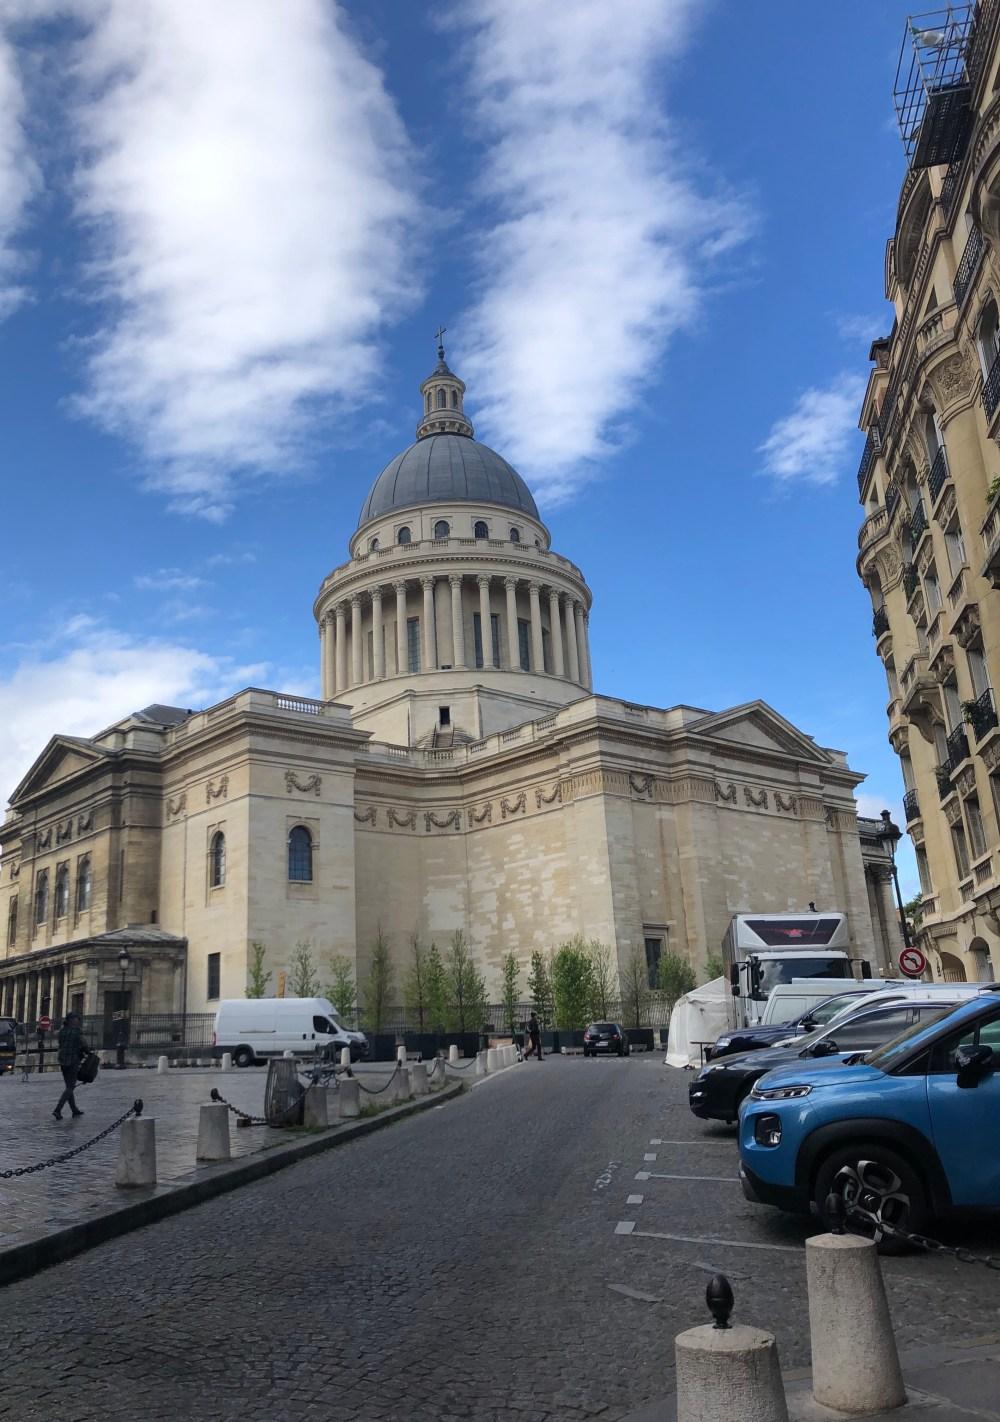 Das Pantheon auch Ruhmeshalle Frankreichs, in Paris im 5. Arrondissement